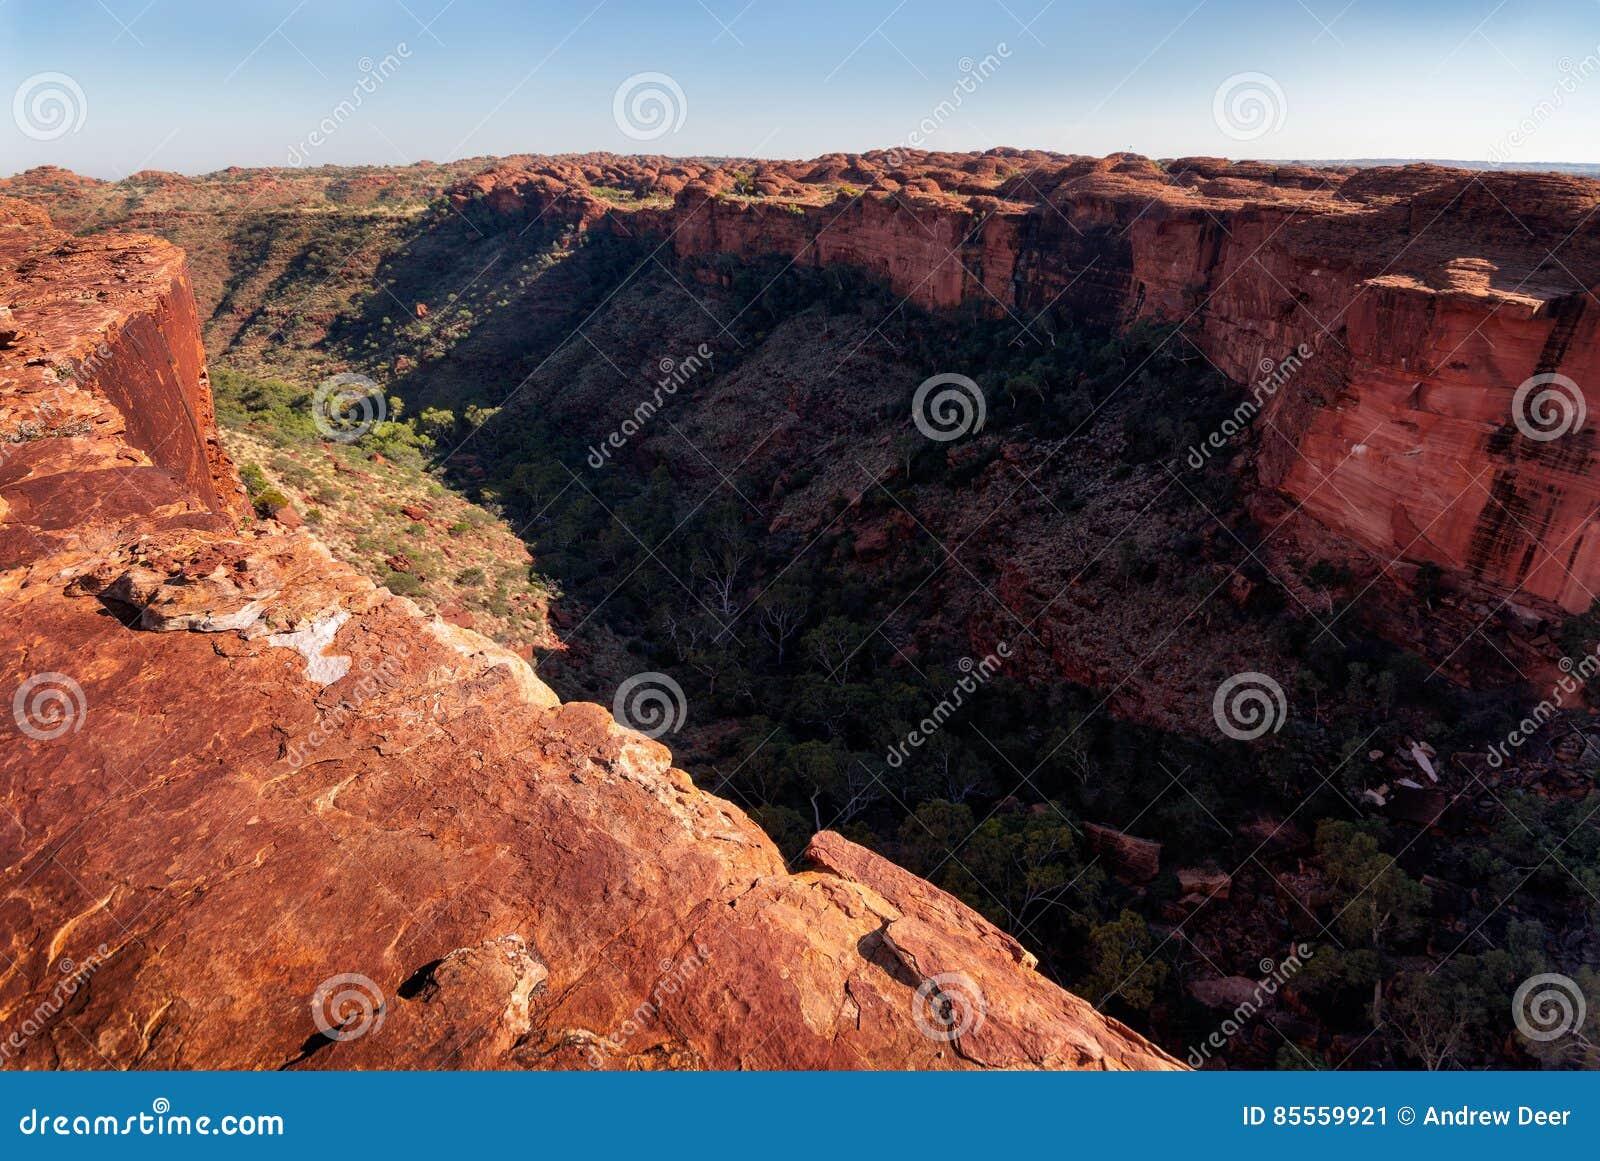 Auf dem Klippenrand Könige Canyon, der unten die Schlucht untersucht